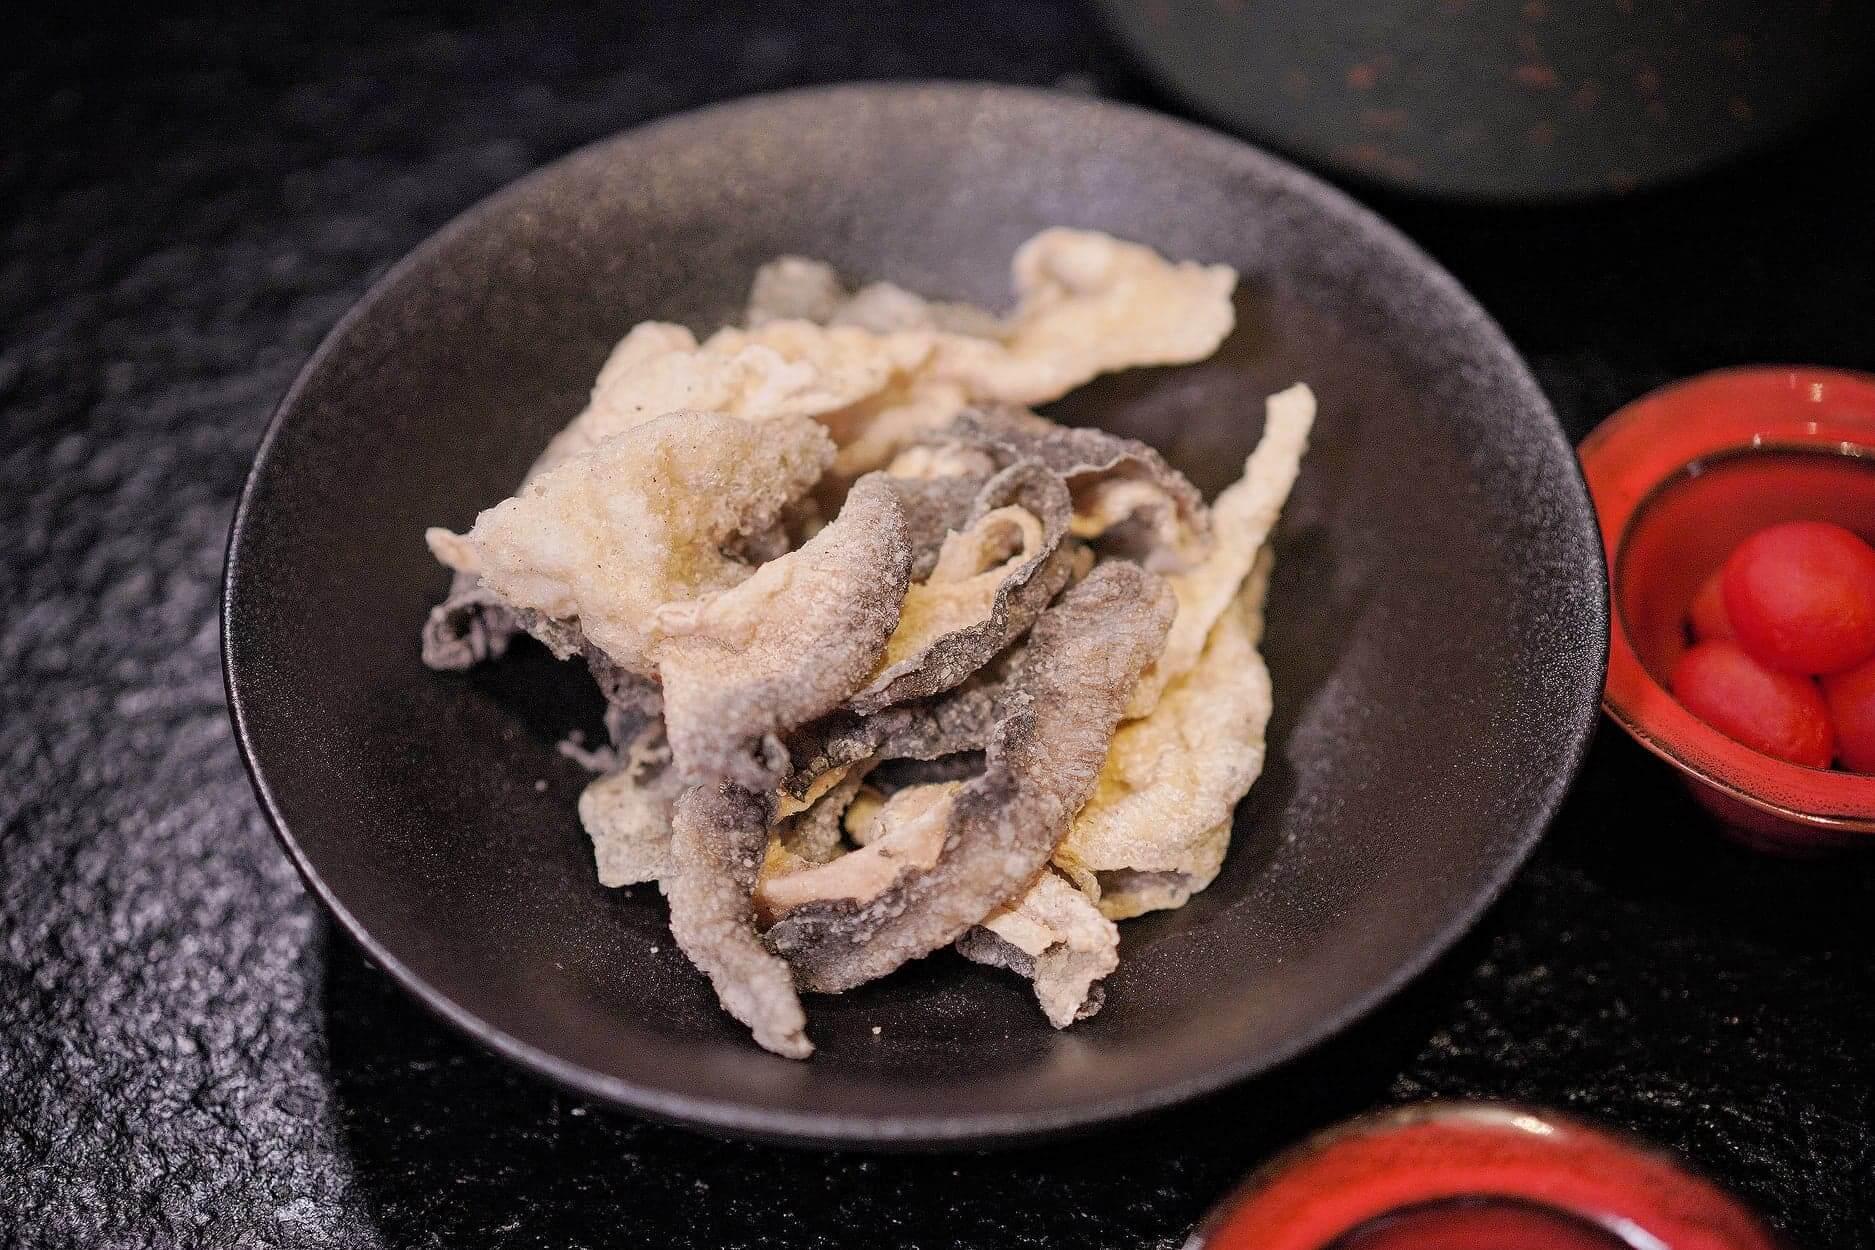 炸魚皮幾大份,浸麻辣湯食,超正!